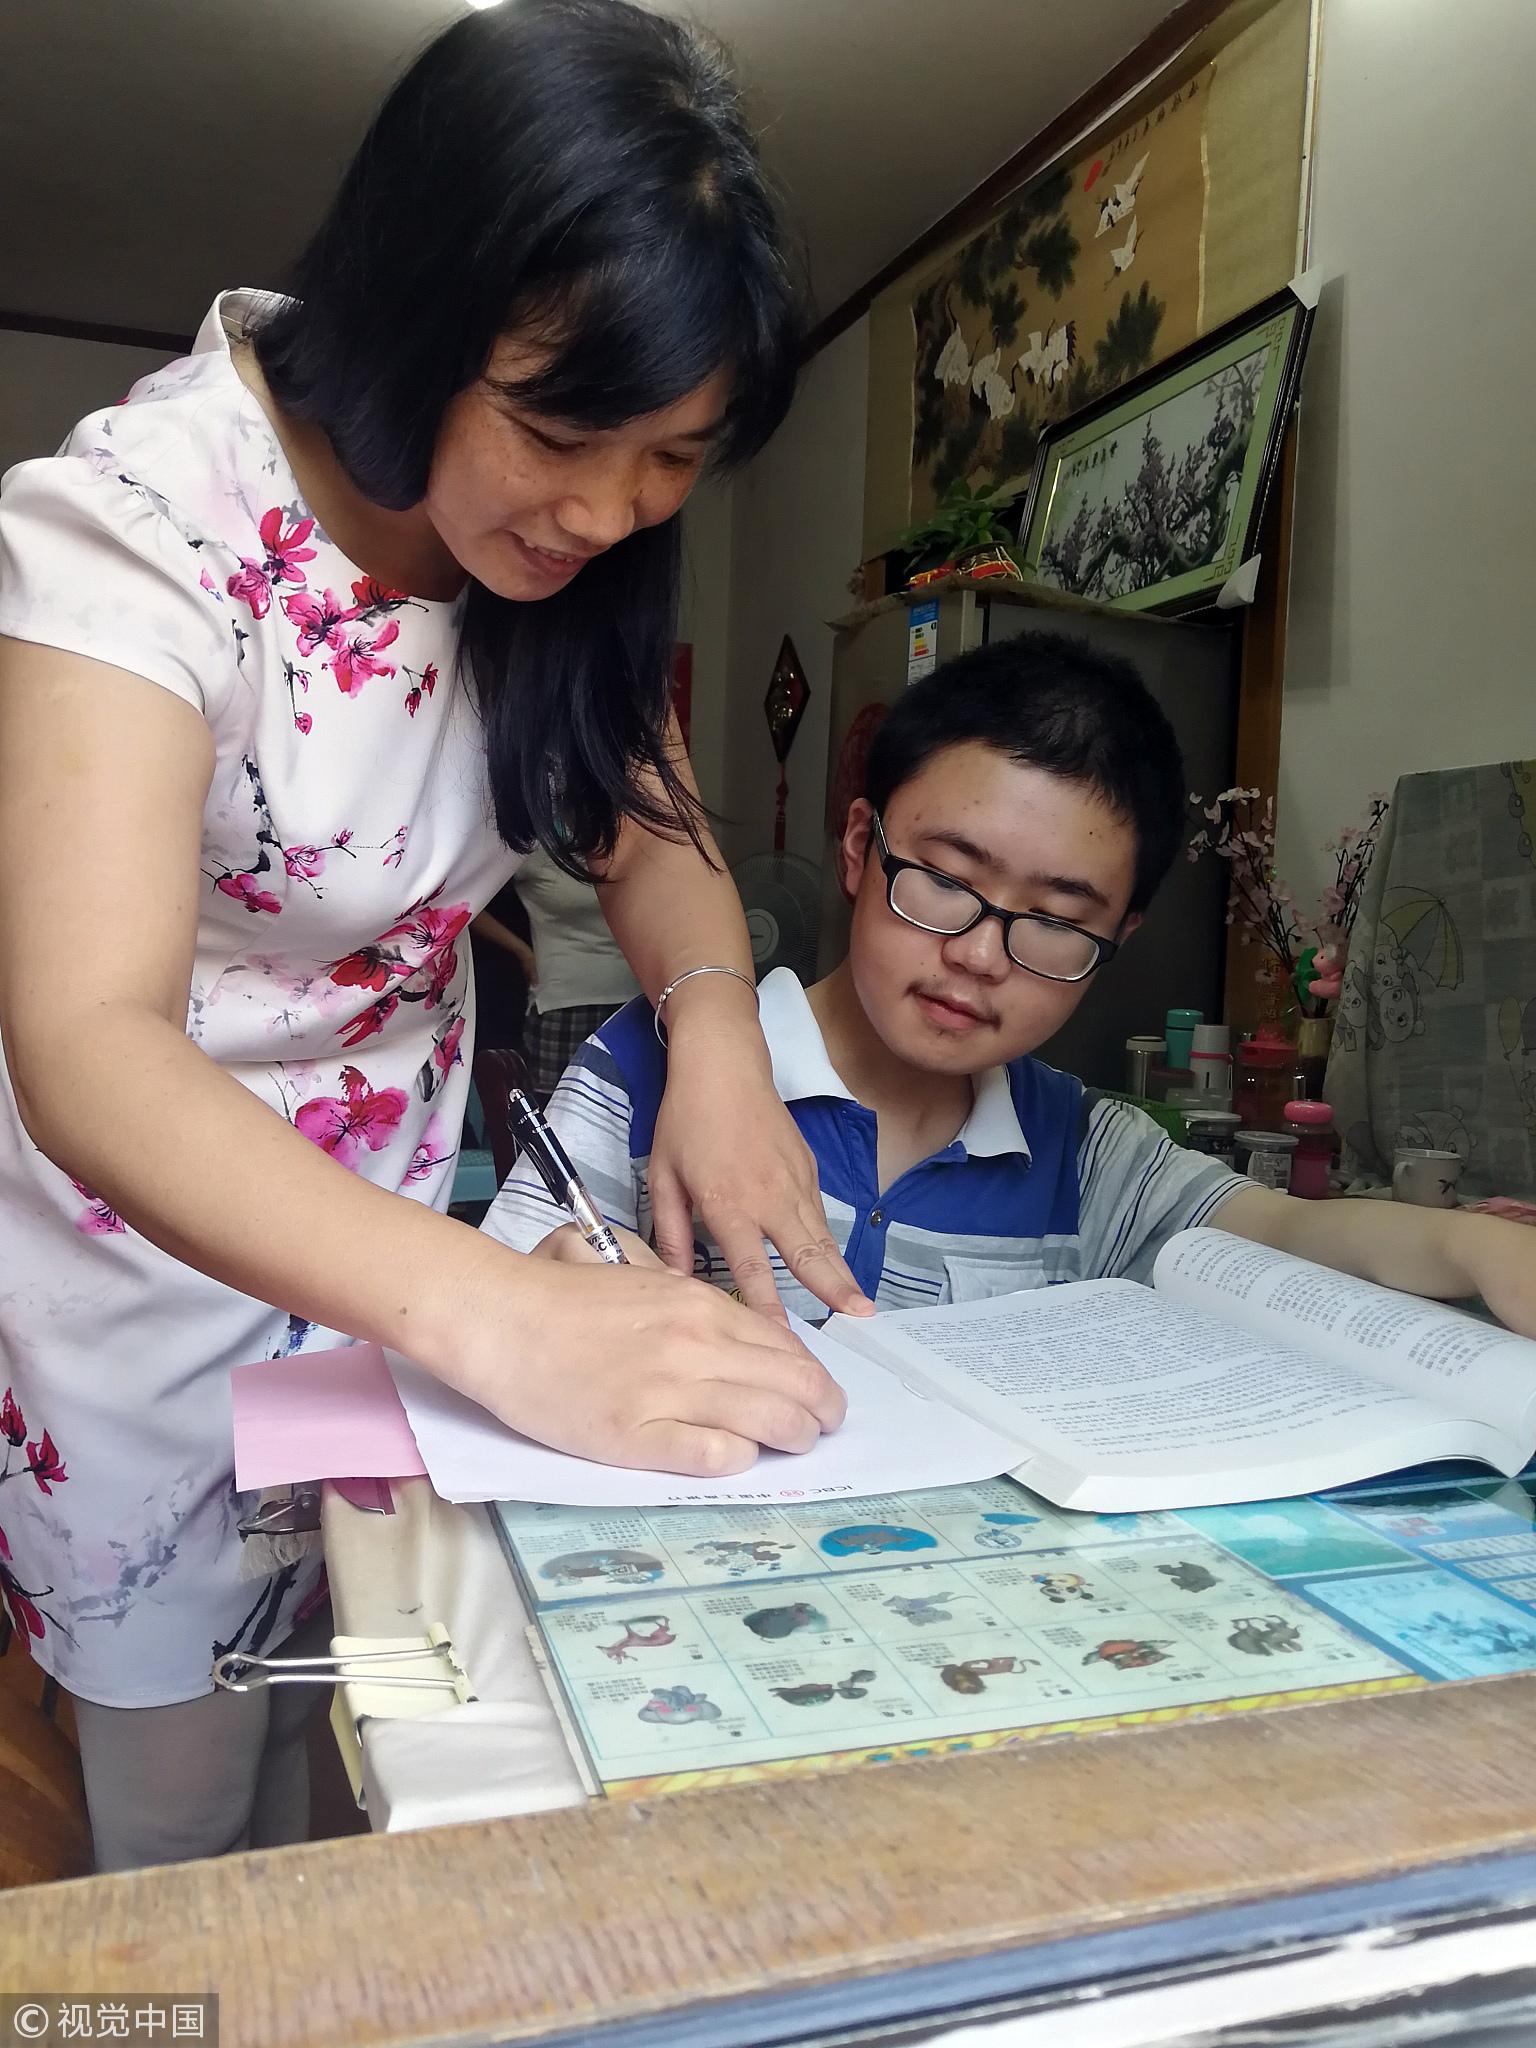 母亲背肌无力儿子上学16年 儿子考上名校! - 周公乐 - xinhua8848 的博客